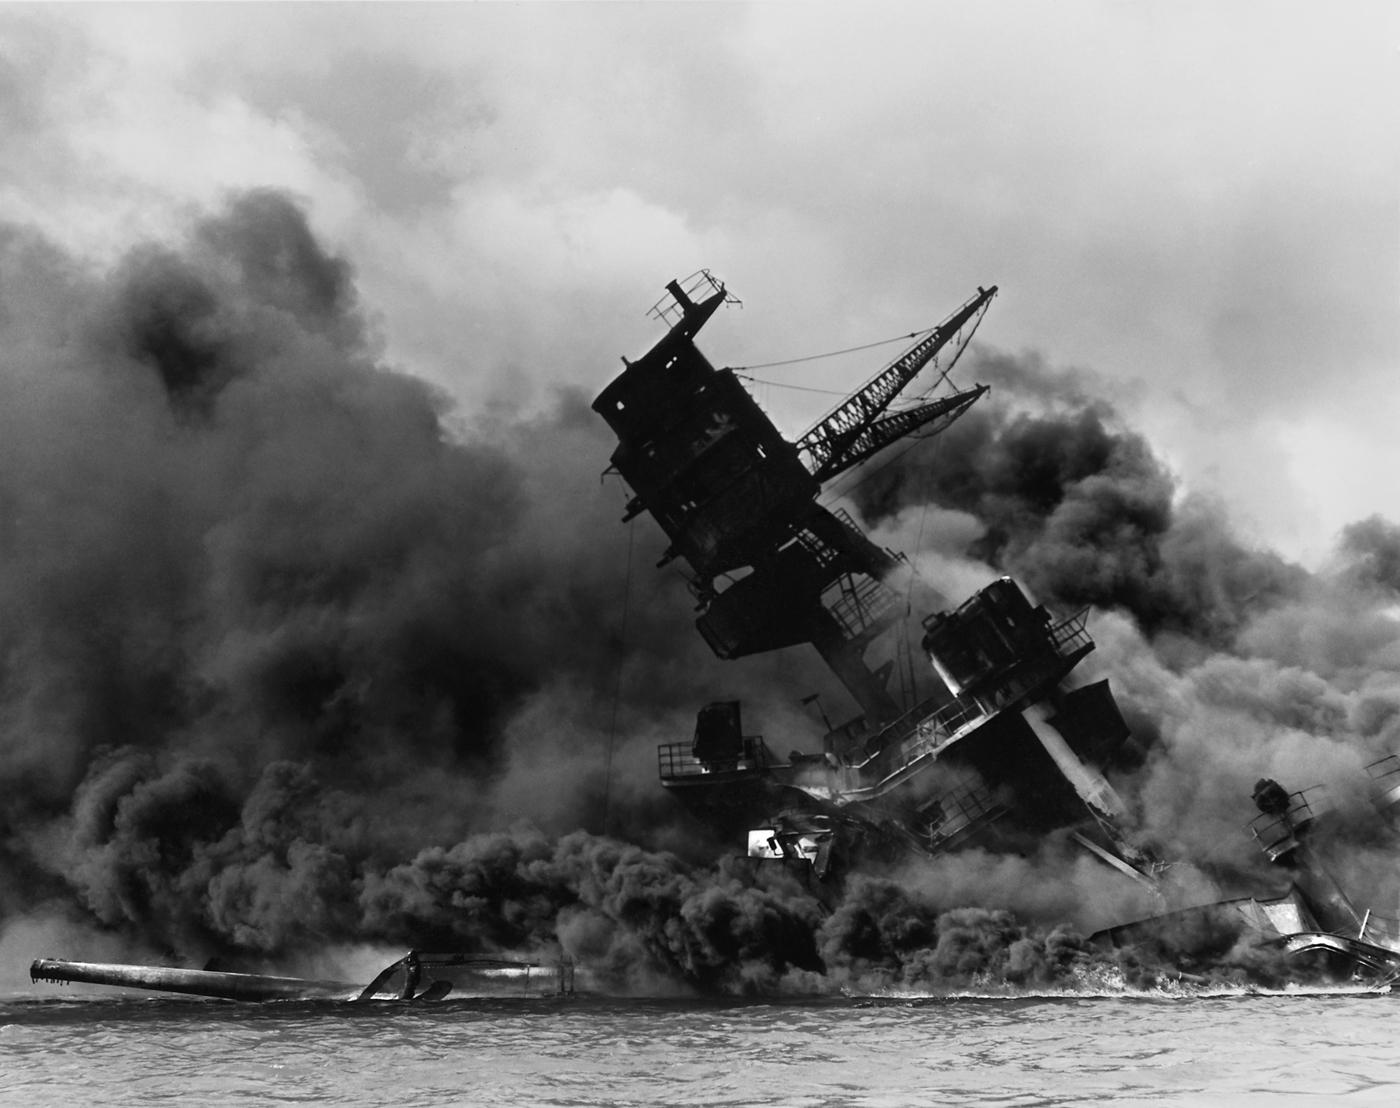 Fotografia della USS Arizona, distrutta durante l'attacco di Pearl Harbor. La devastazione del magazzino degli armamenti di questa nave provoca la morte di circa 1.200 persone